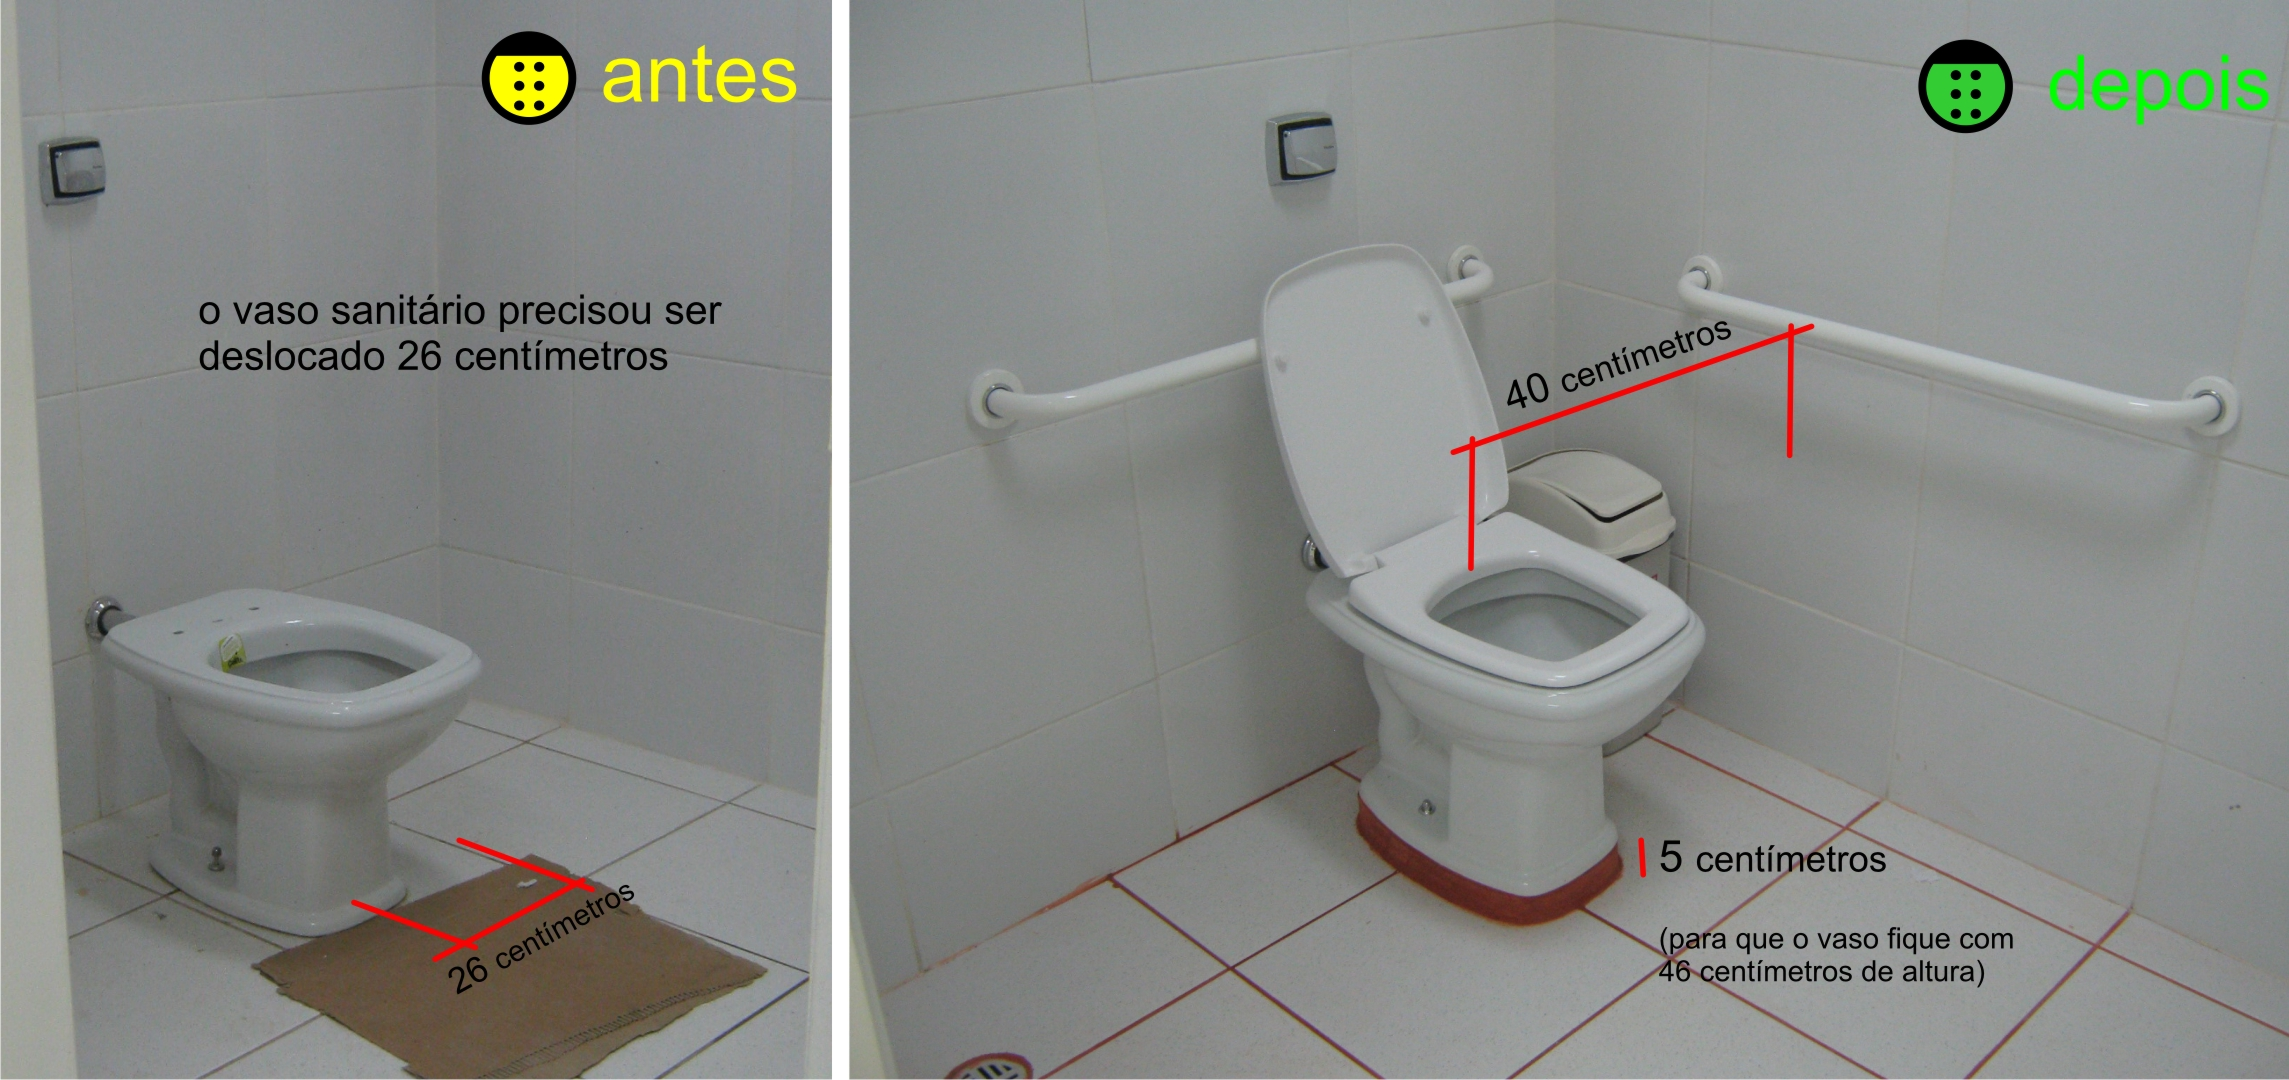 vaso sanitário antes e depois depois em posição e altura adequada #B2B318 2289x1080 Acessibilidade Idosos Banheiro